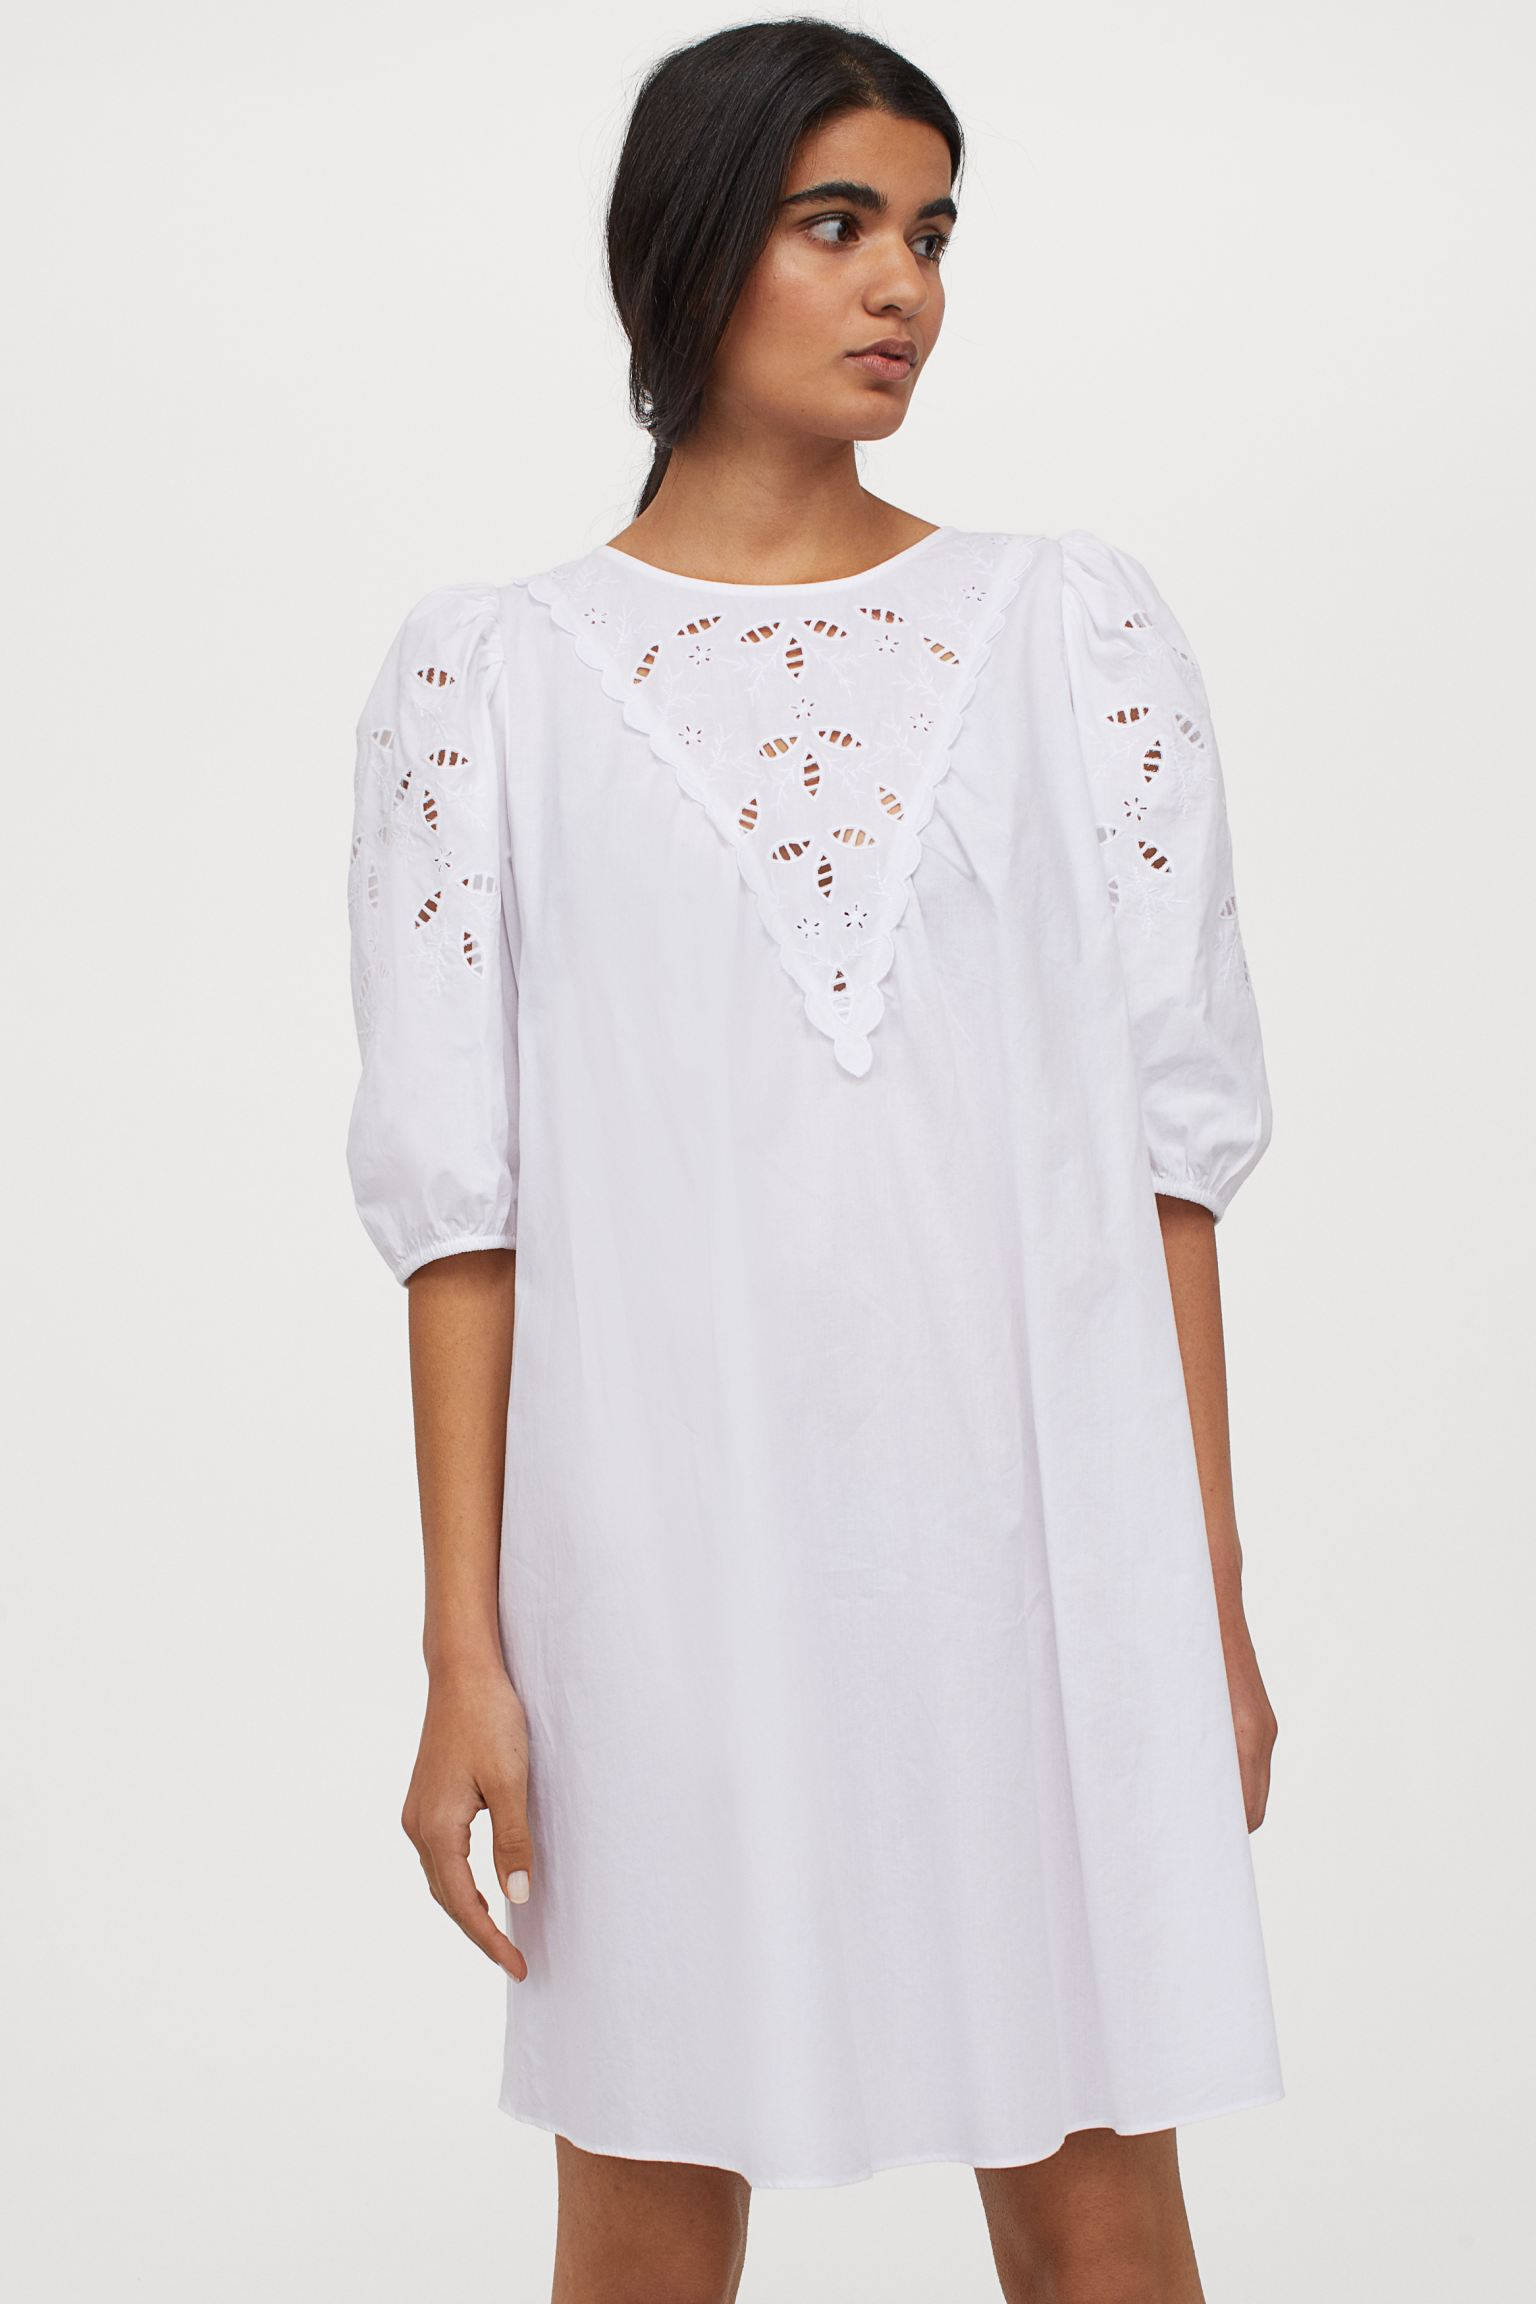 Vestido corto de algodón con bordado inglés en cuerpo y mangas.